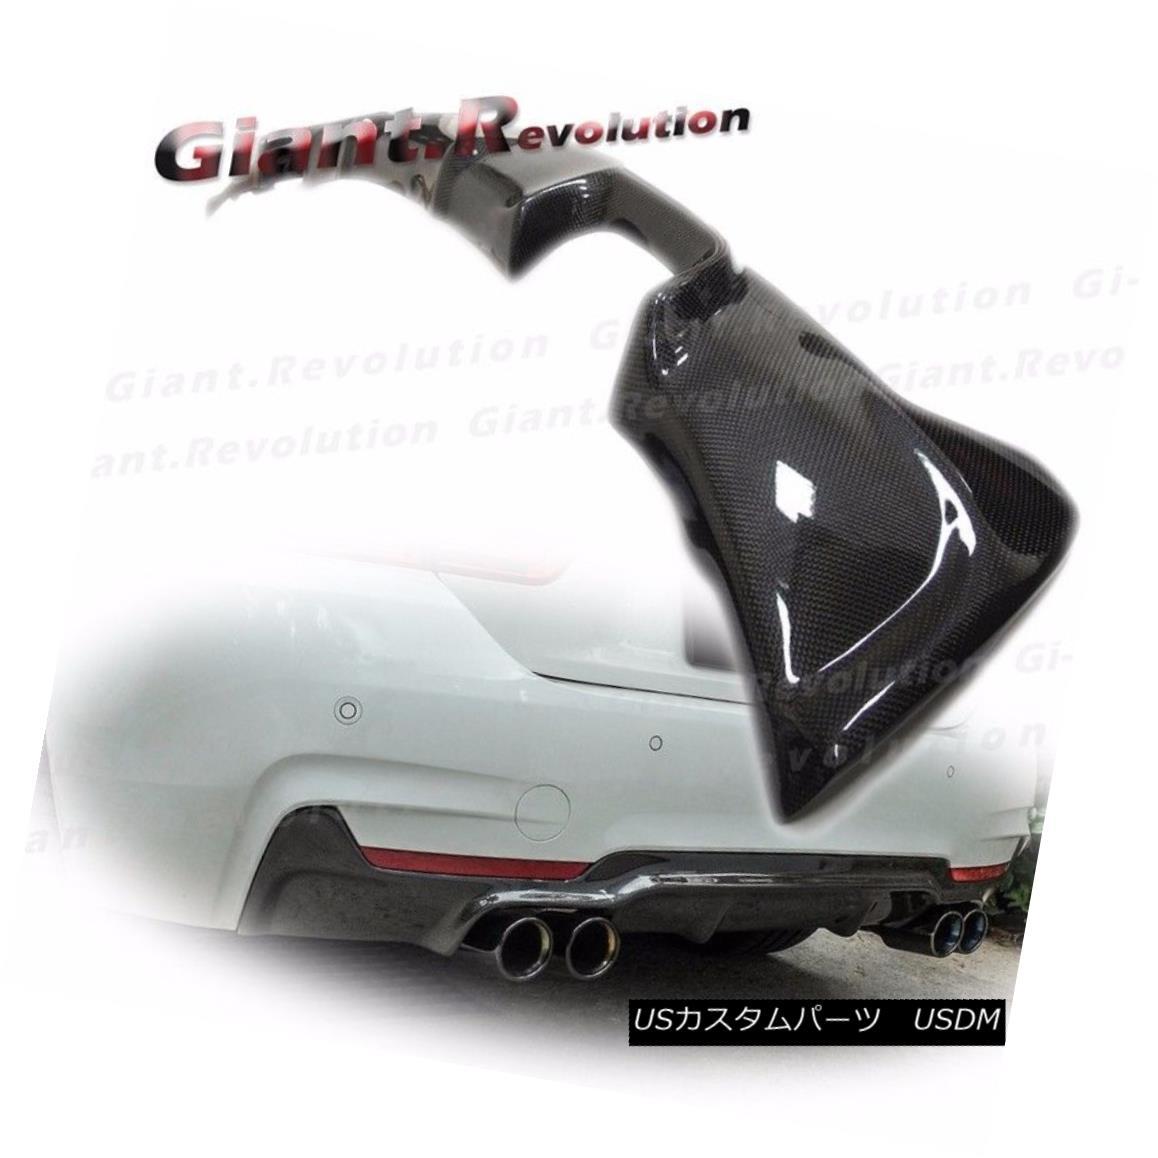 エアロパーツ 3K Carbon Fiber 3D Look Rear Diffuser For 2014 On BMW F32 F33 F36 M Tech Bumper BMW F32 F33 F36 Mテックバンパーで、2014年の3Kカーボンファイバー3Dリアディフューザーを見る